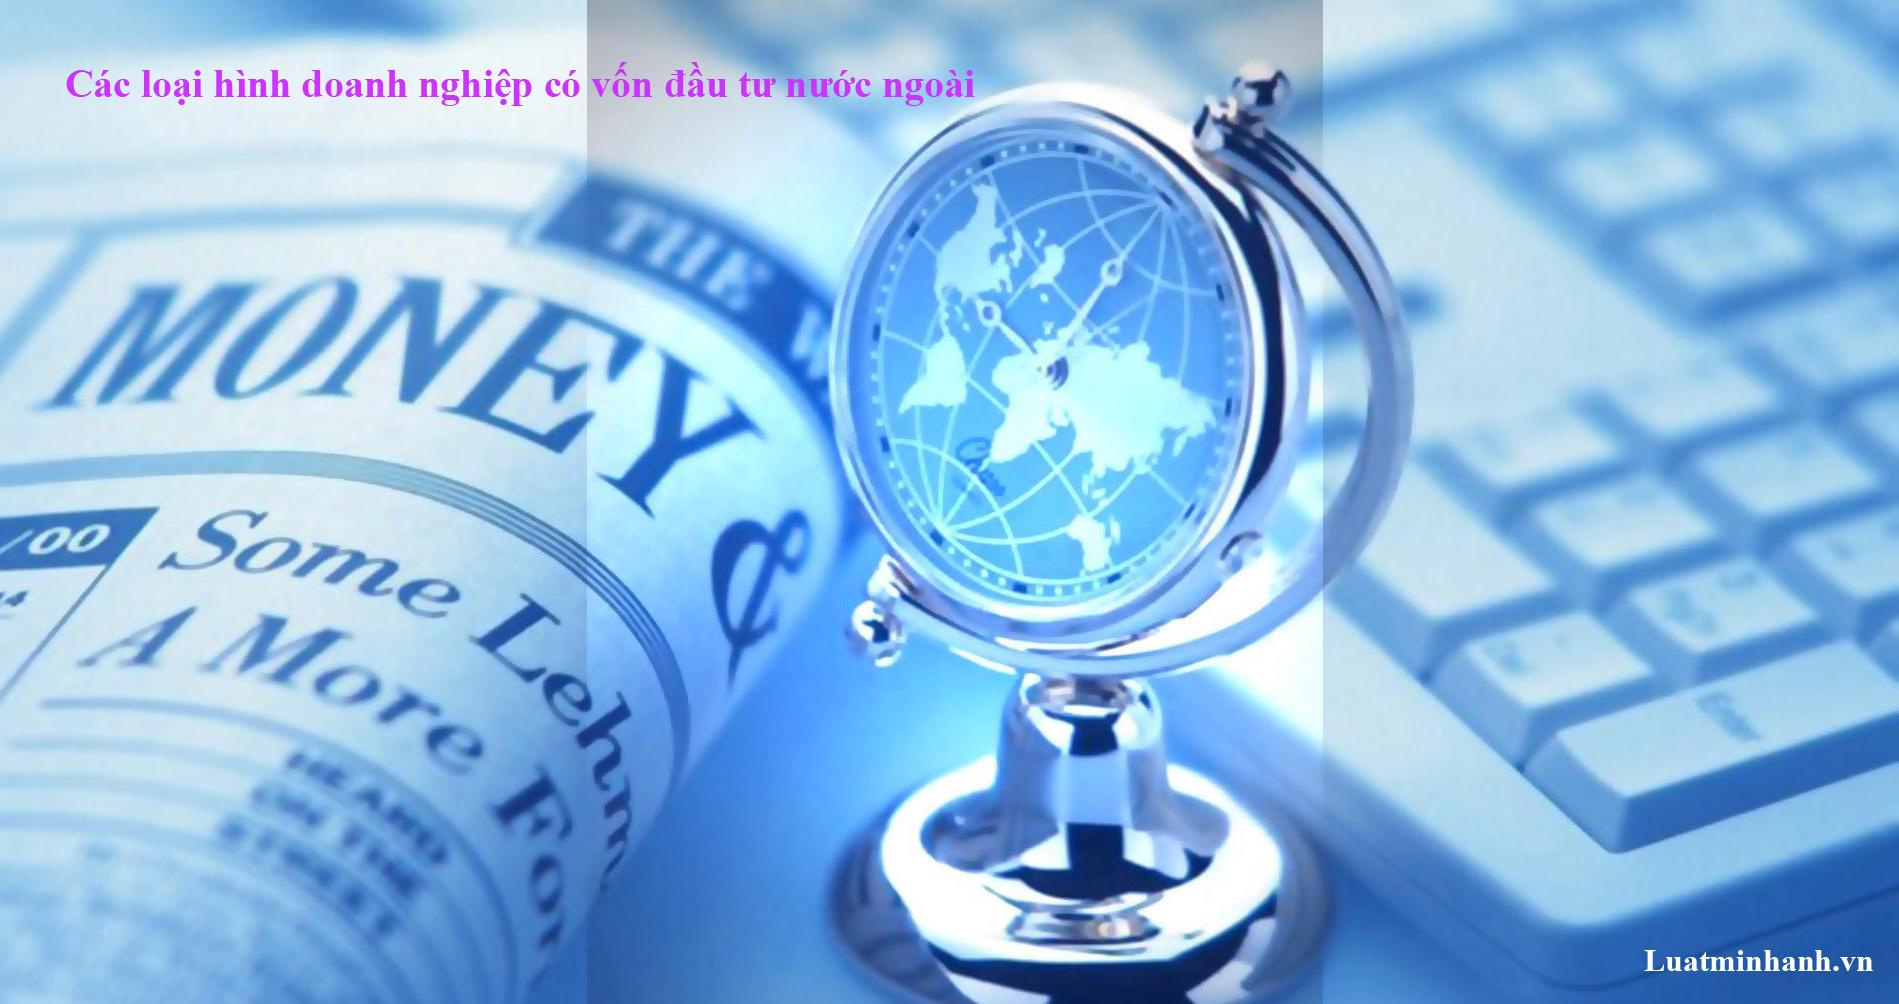 Các loại hình doanh nghiệp có vốn đầu tư nước ngoài